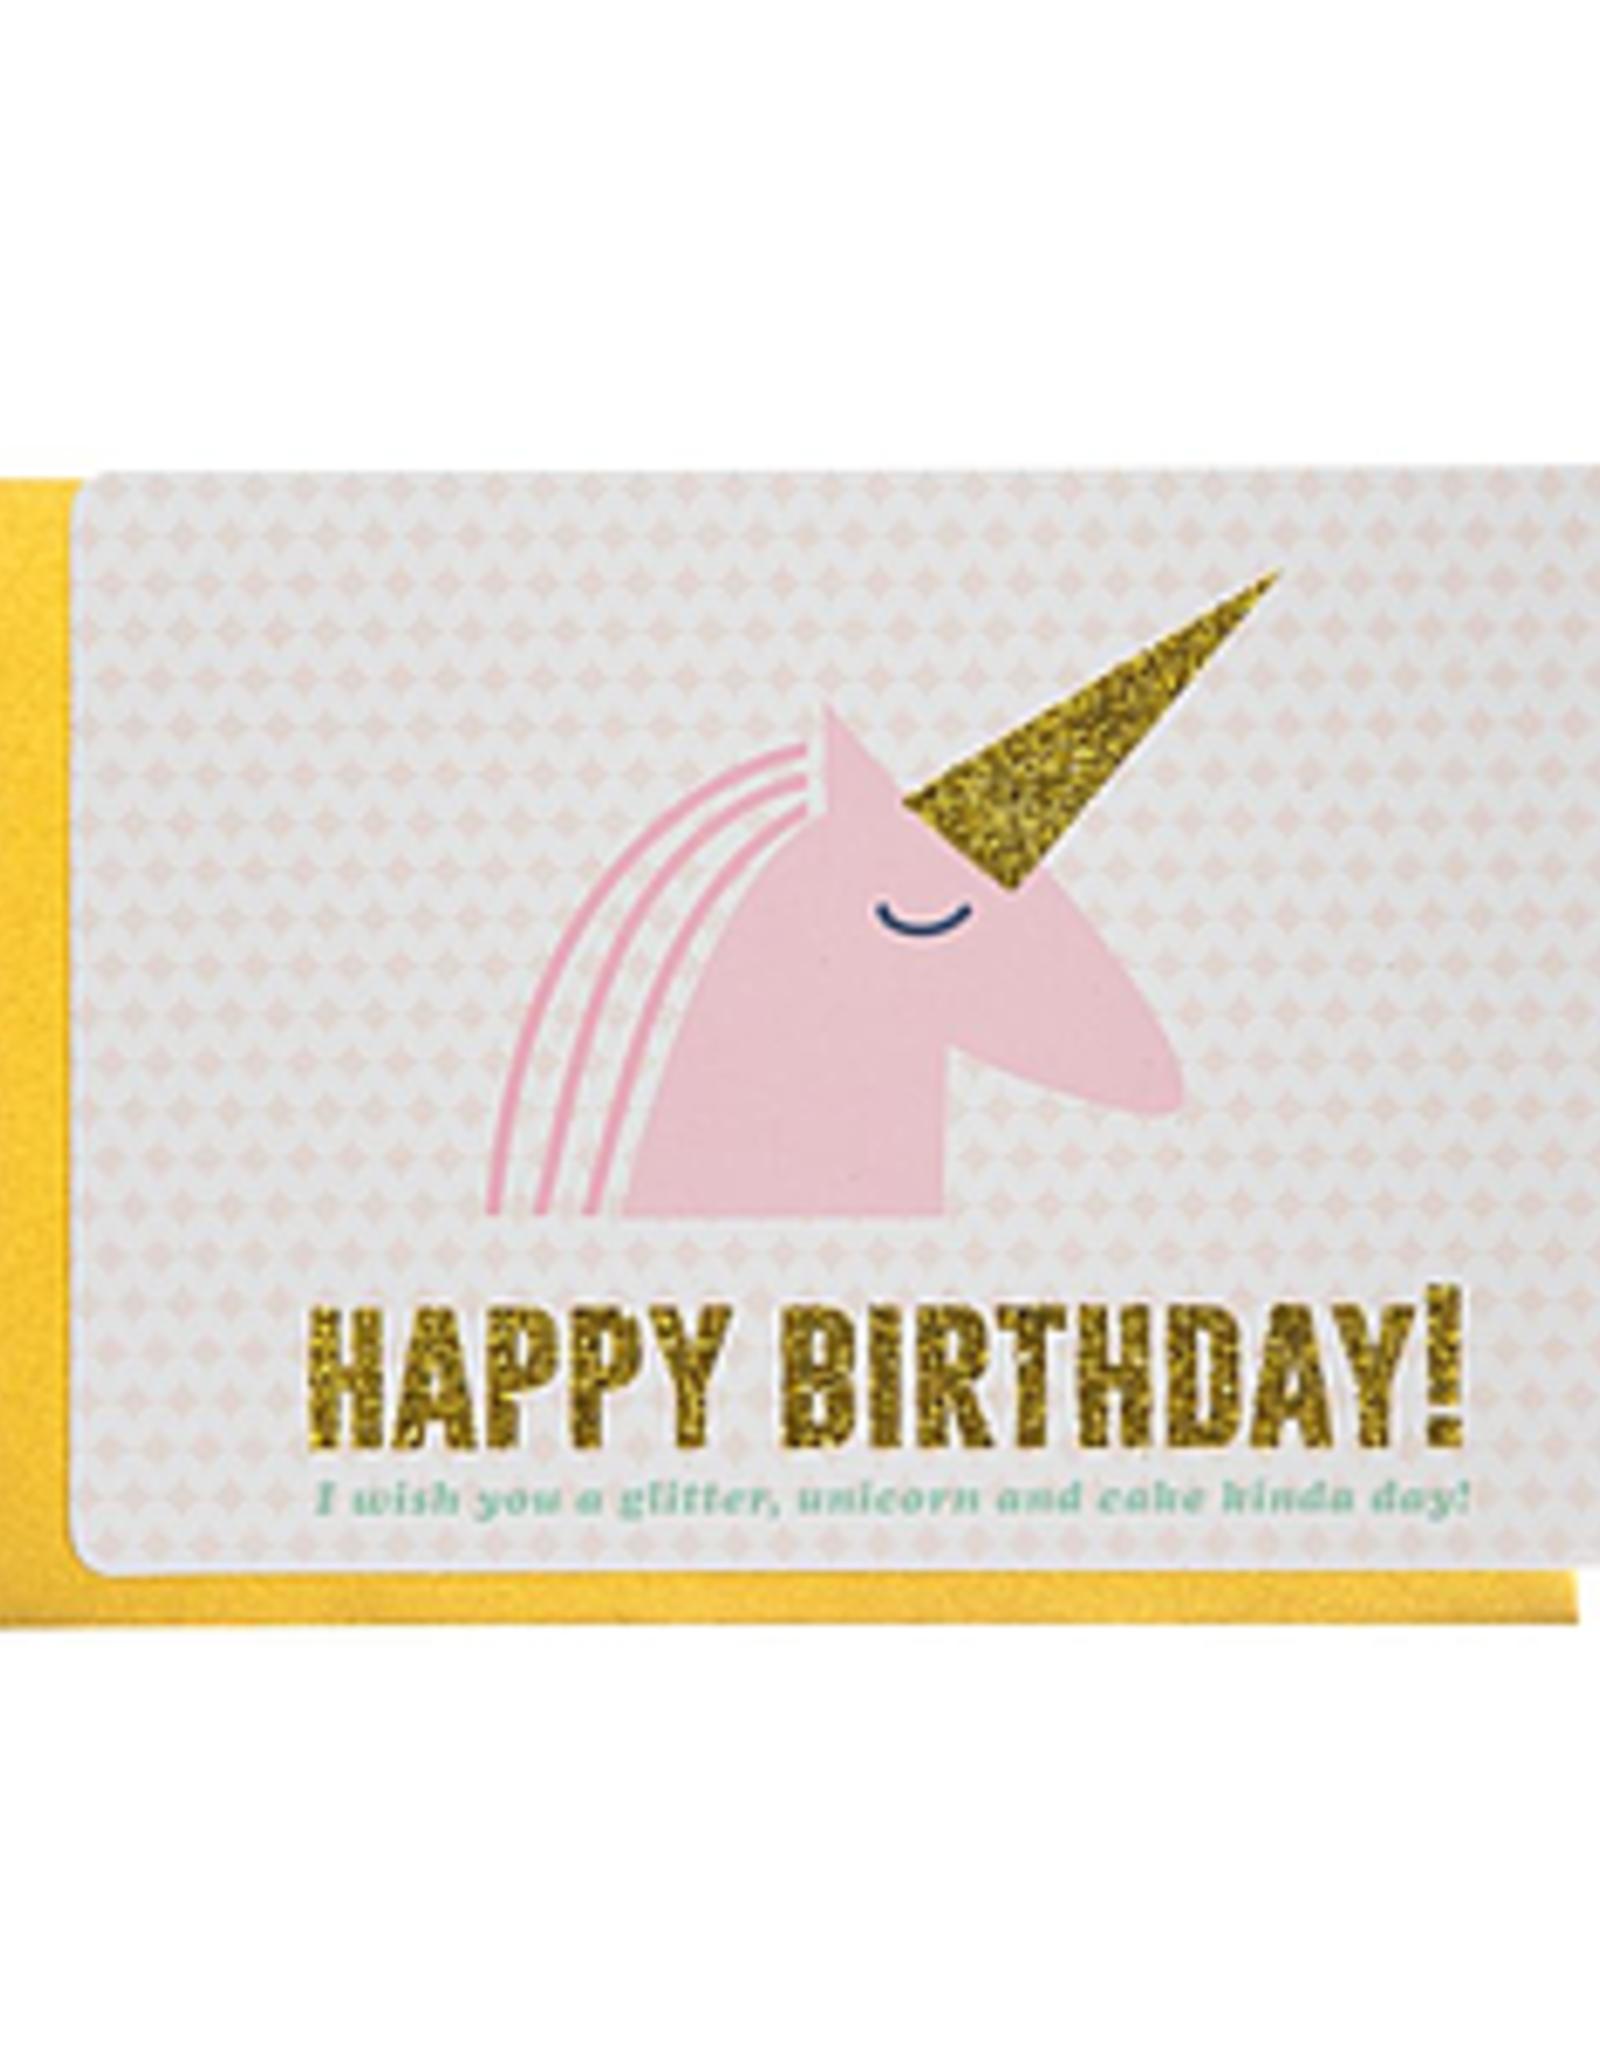 Enfant Terrible Dubbele wenskaart Enfant terrible: Happy birthday unicorn